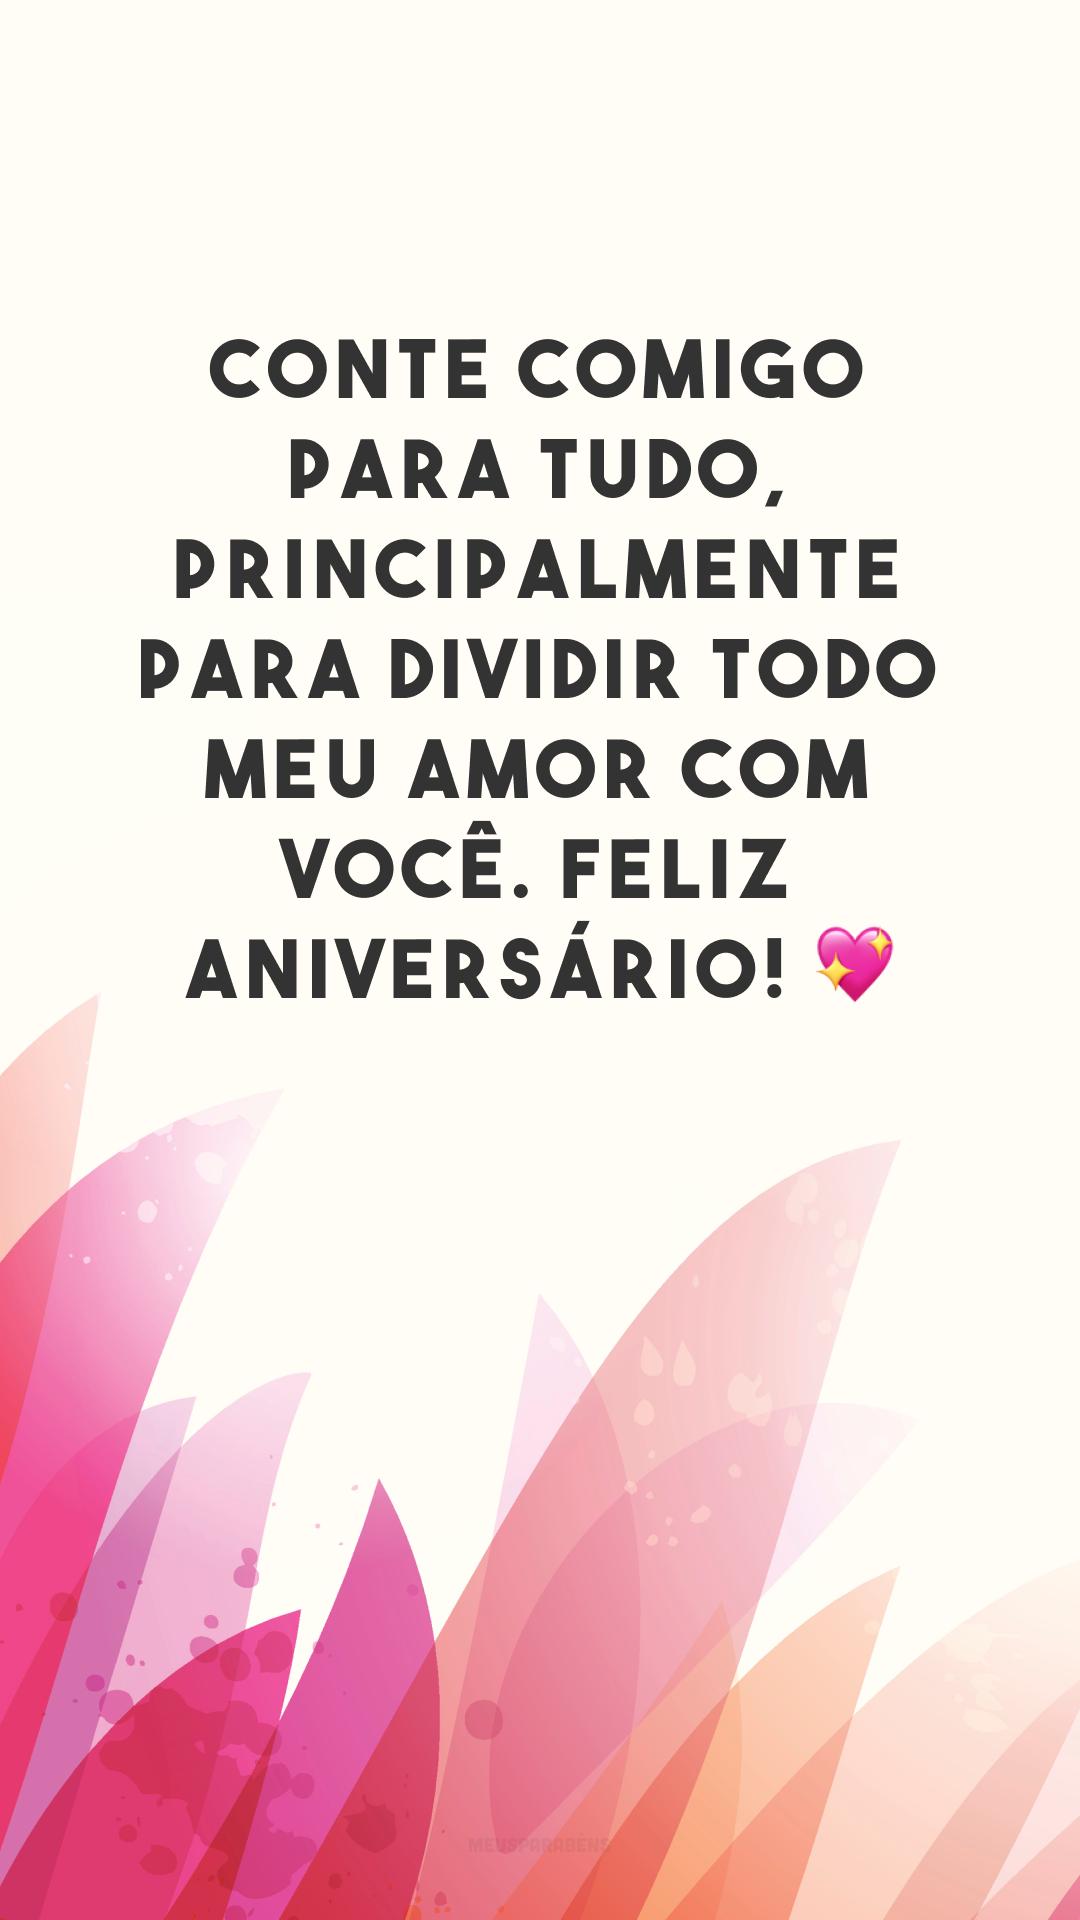 Conte comigo para tudo, principalmente para dividir todo meu amor com você. Feliz aniversário! 💖